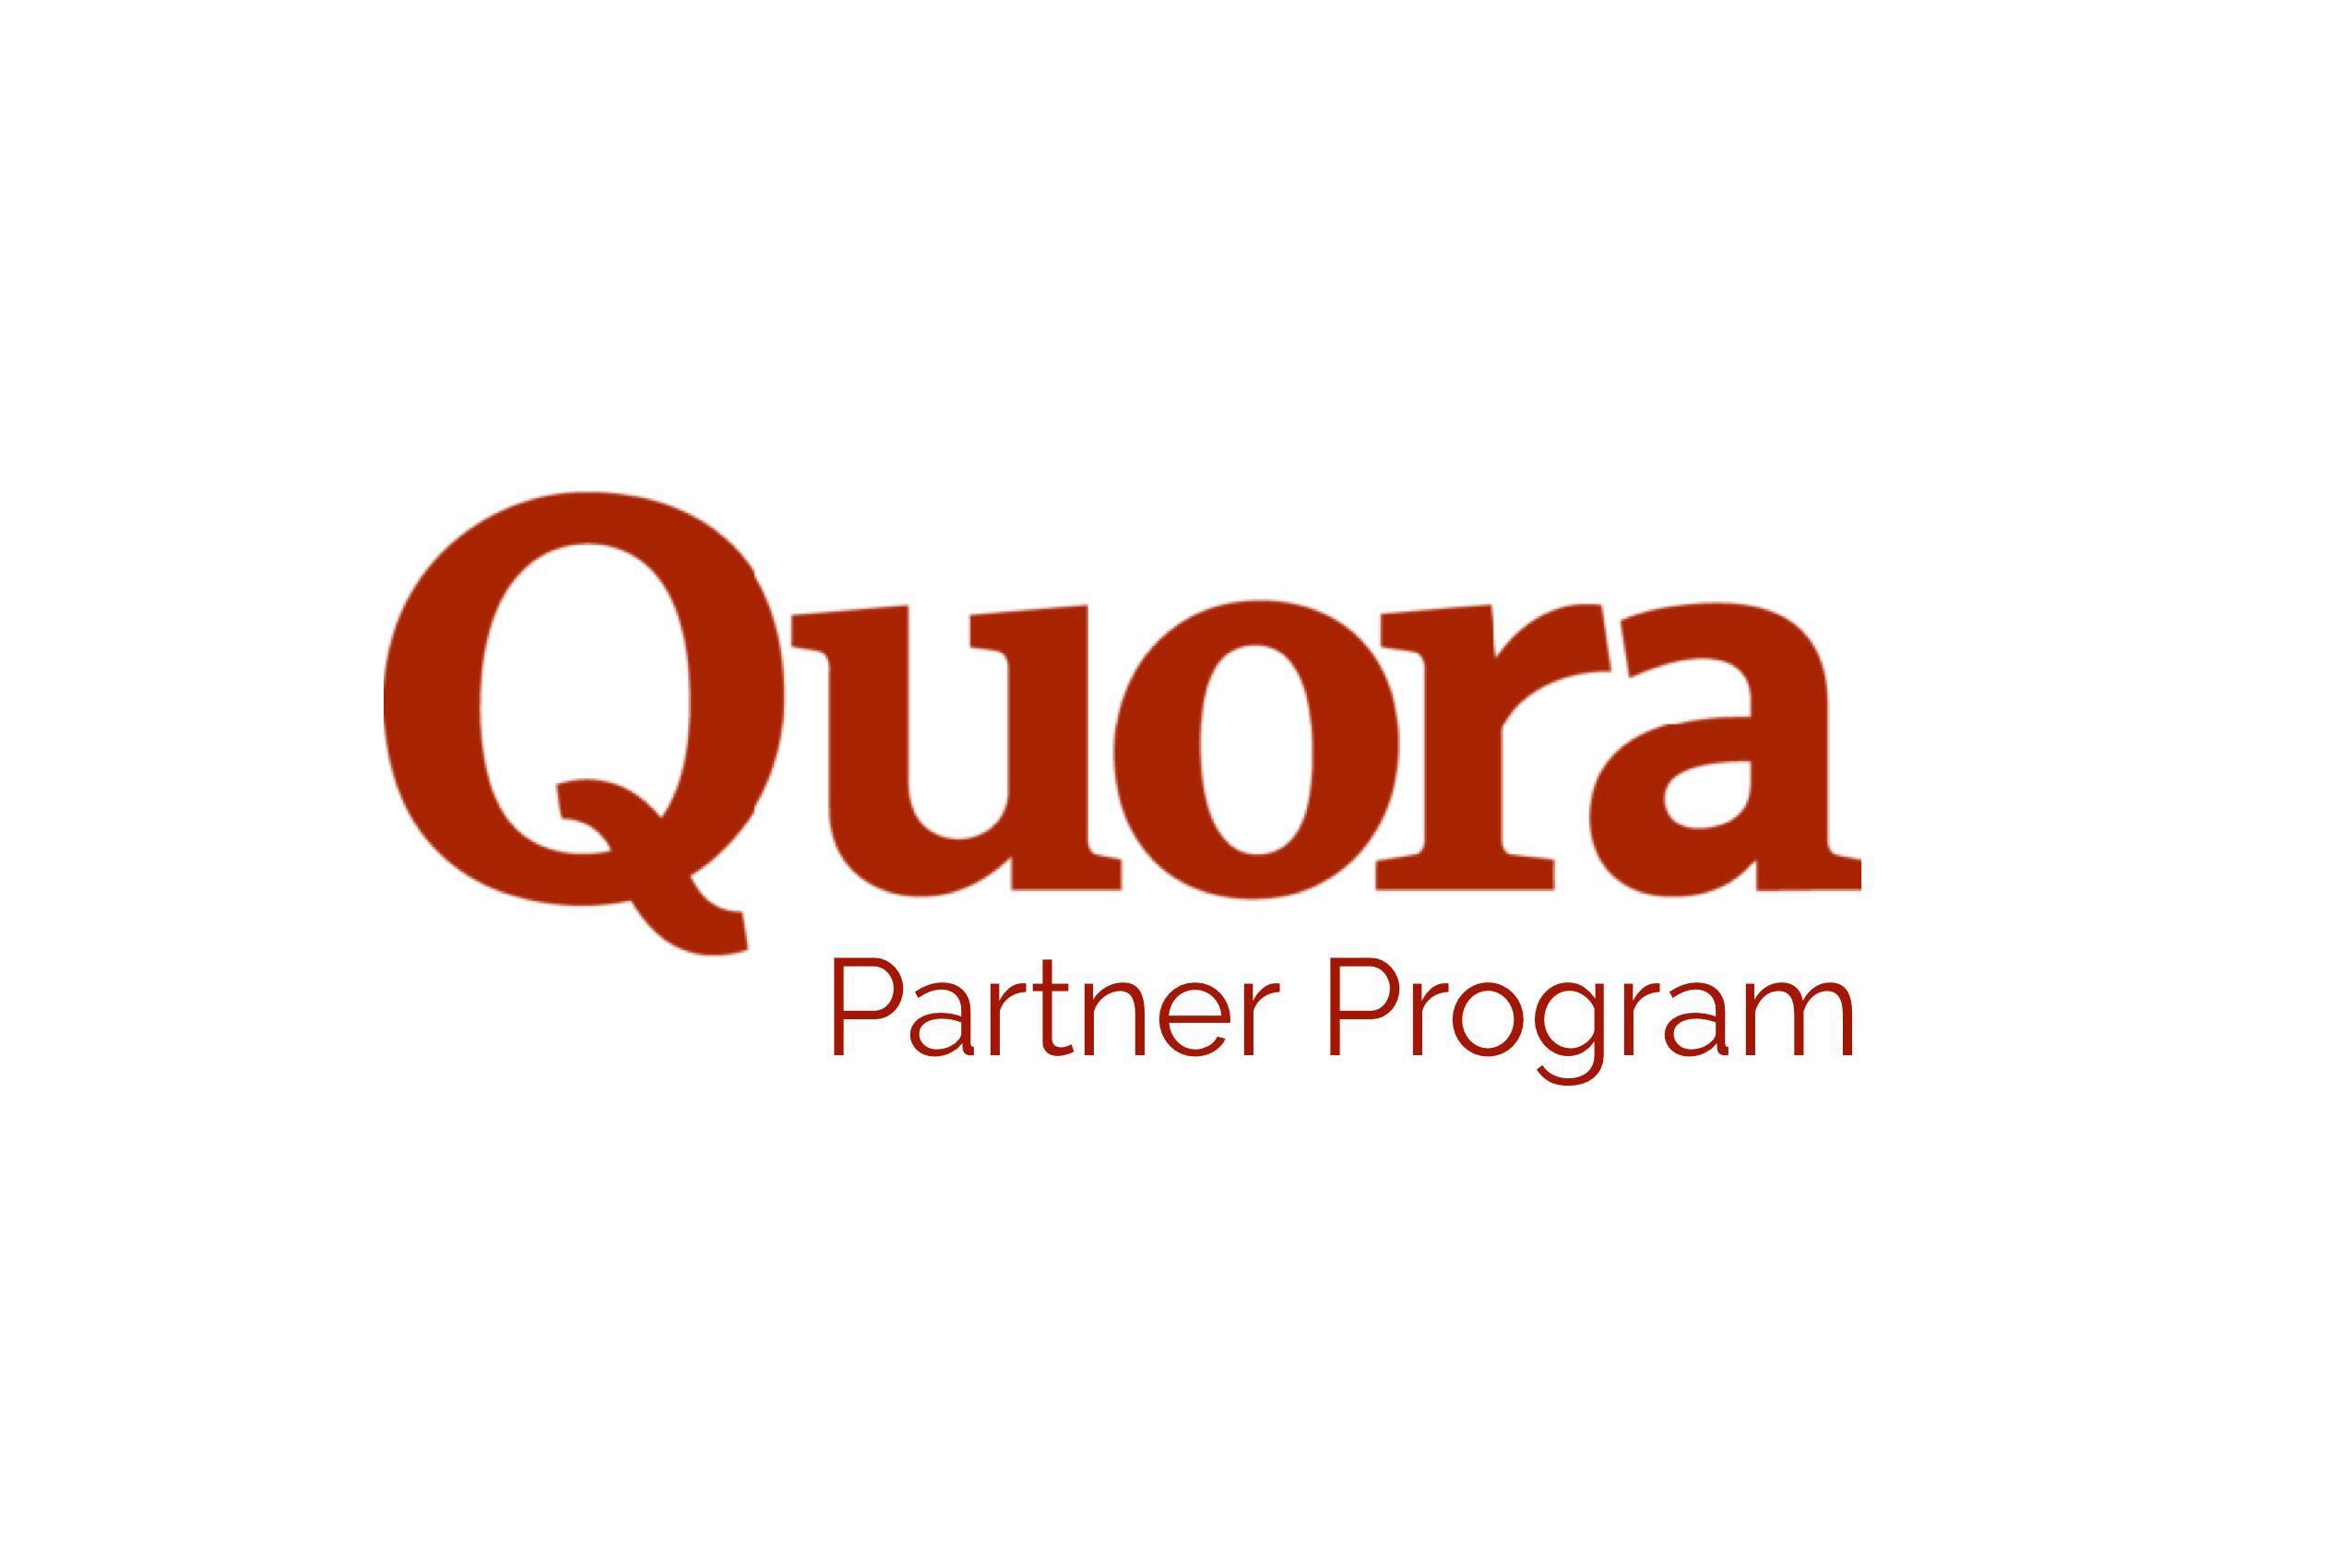 कोरा पार्टनर प्रोग्राम से आमंत्रण कैसे प्राप्त करें, How to join quora partner program india, Quora in hindi , Quora partner program